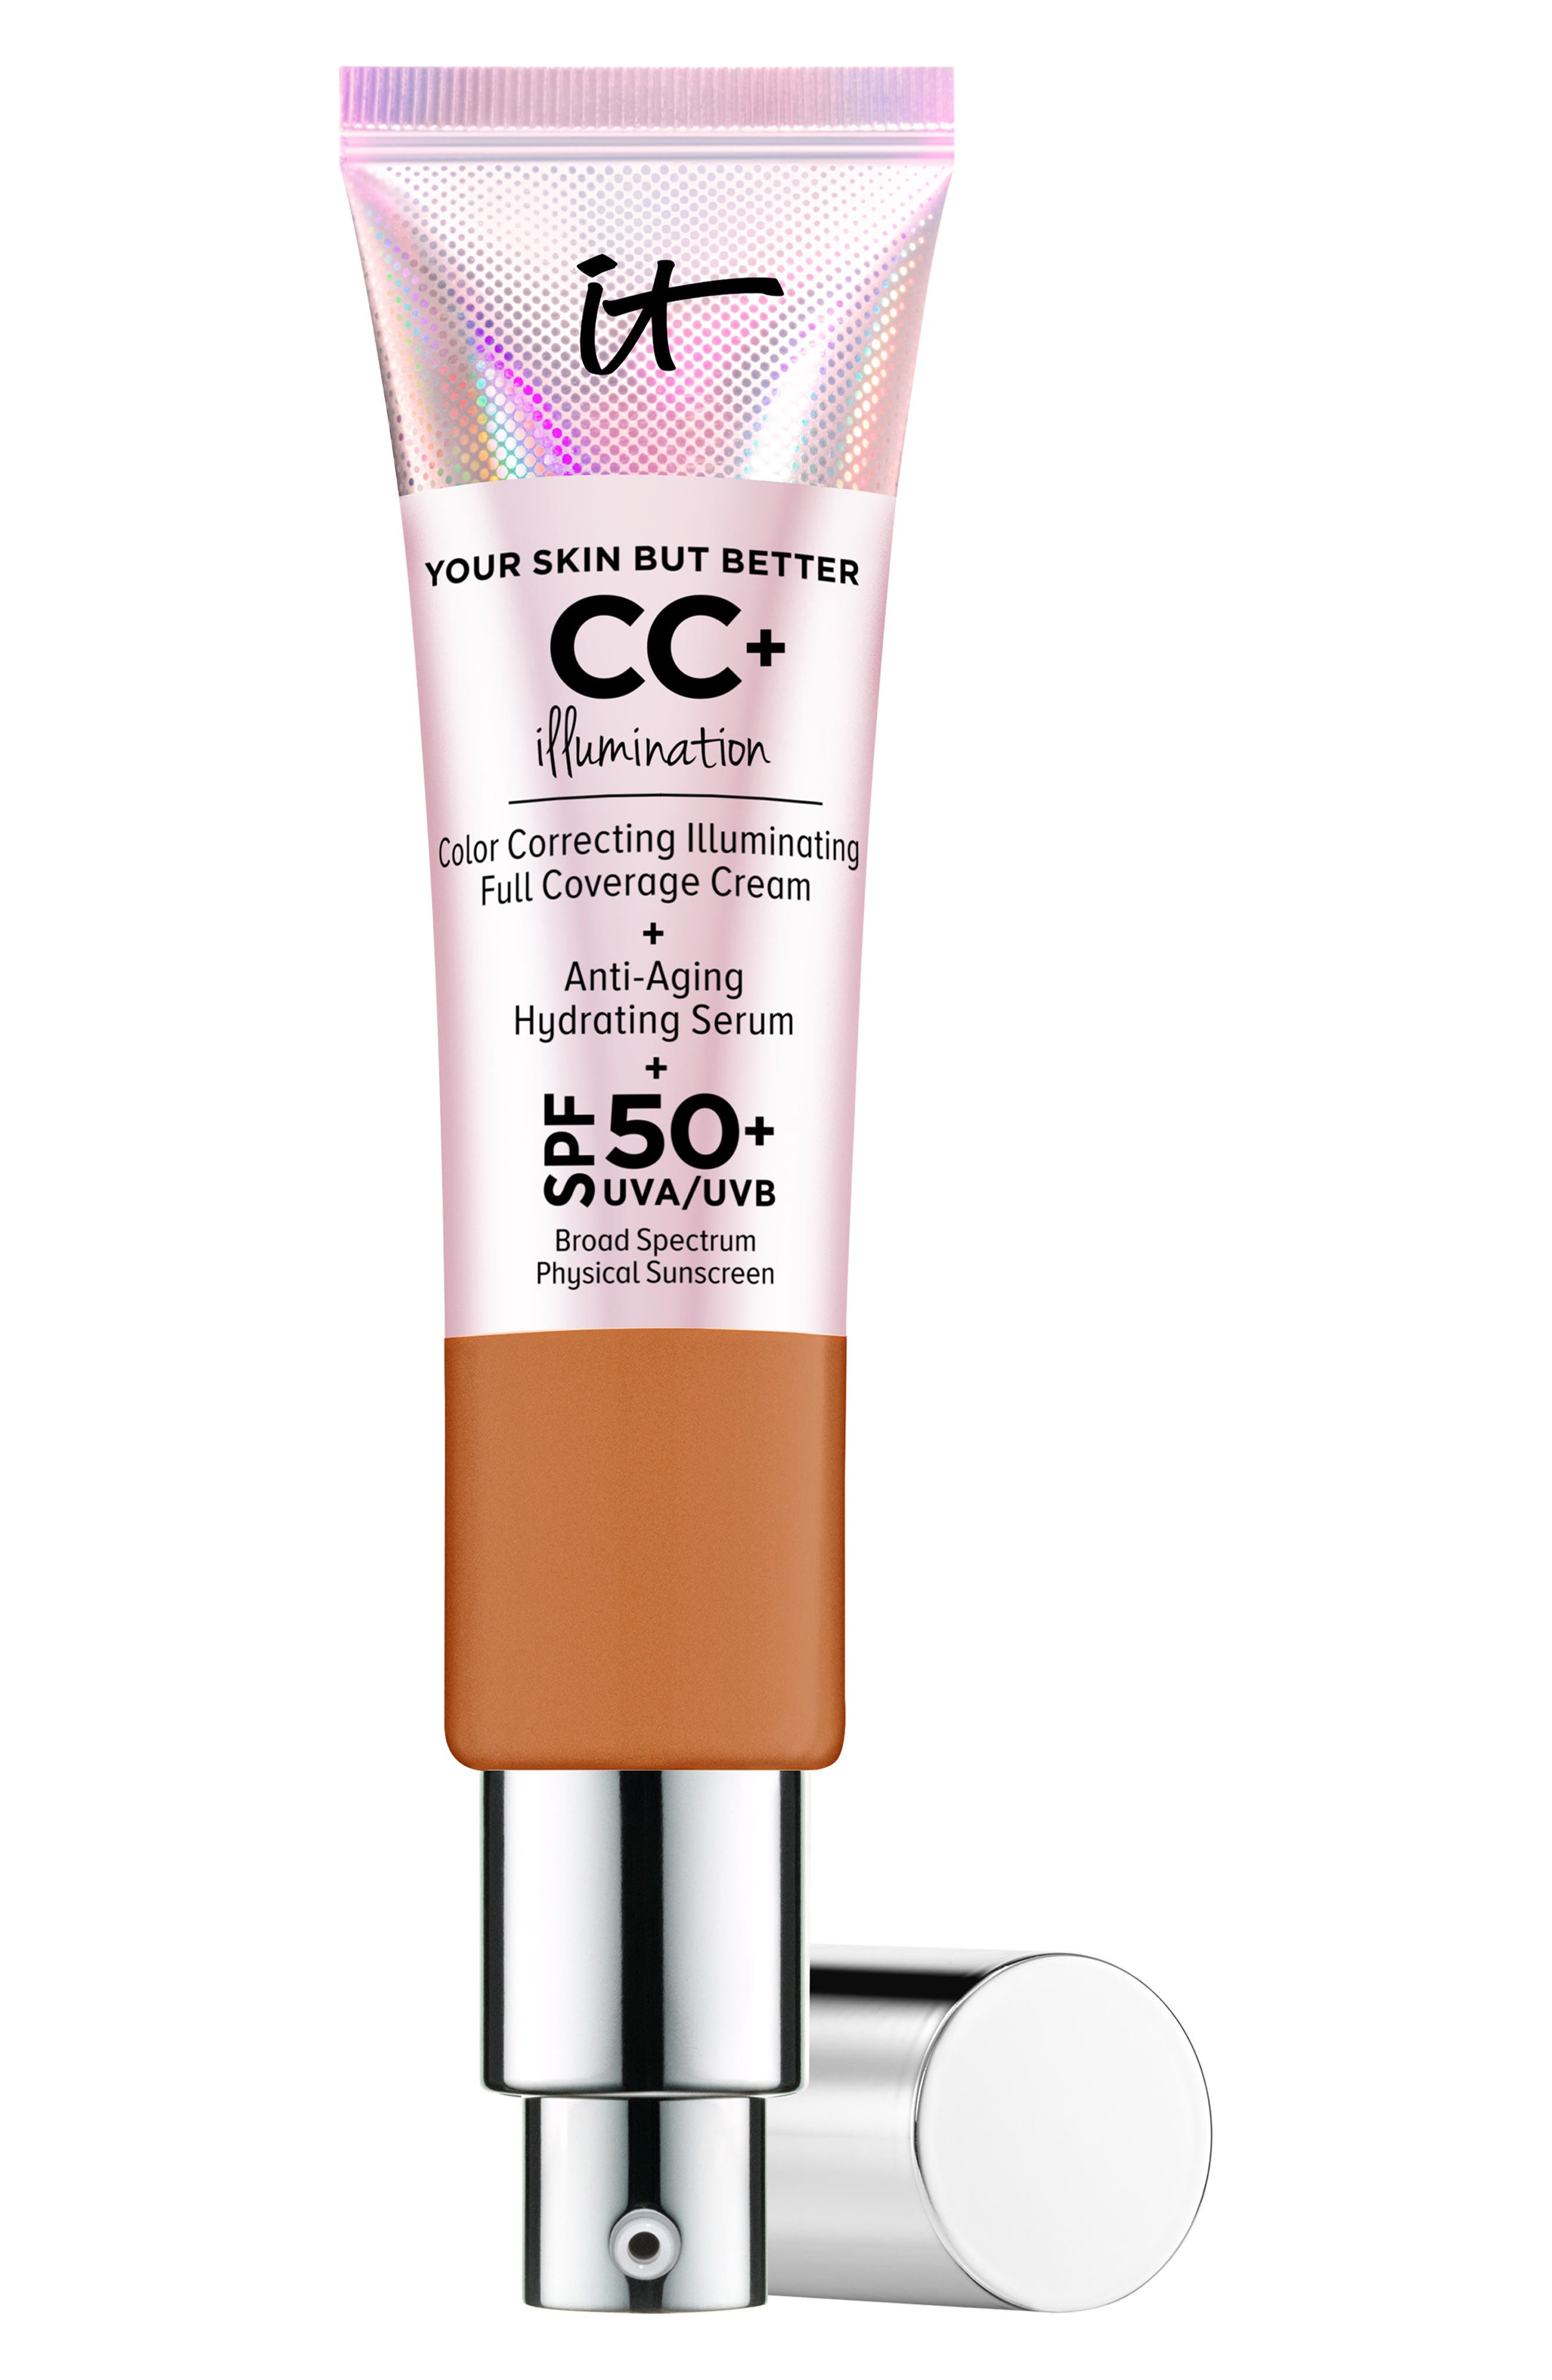 Cc+ Cream Illumination Spf 50+ Full Coverage Cream Corrector & Serum